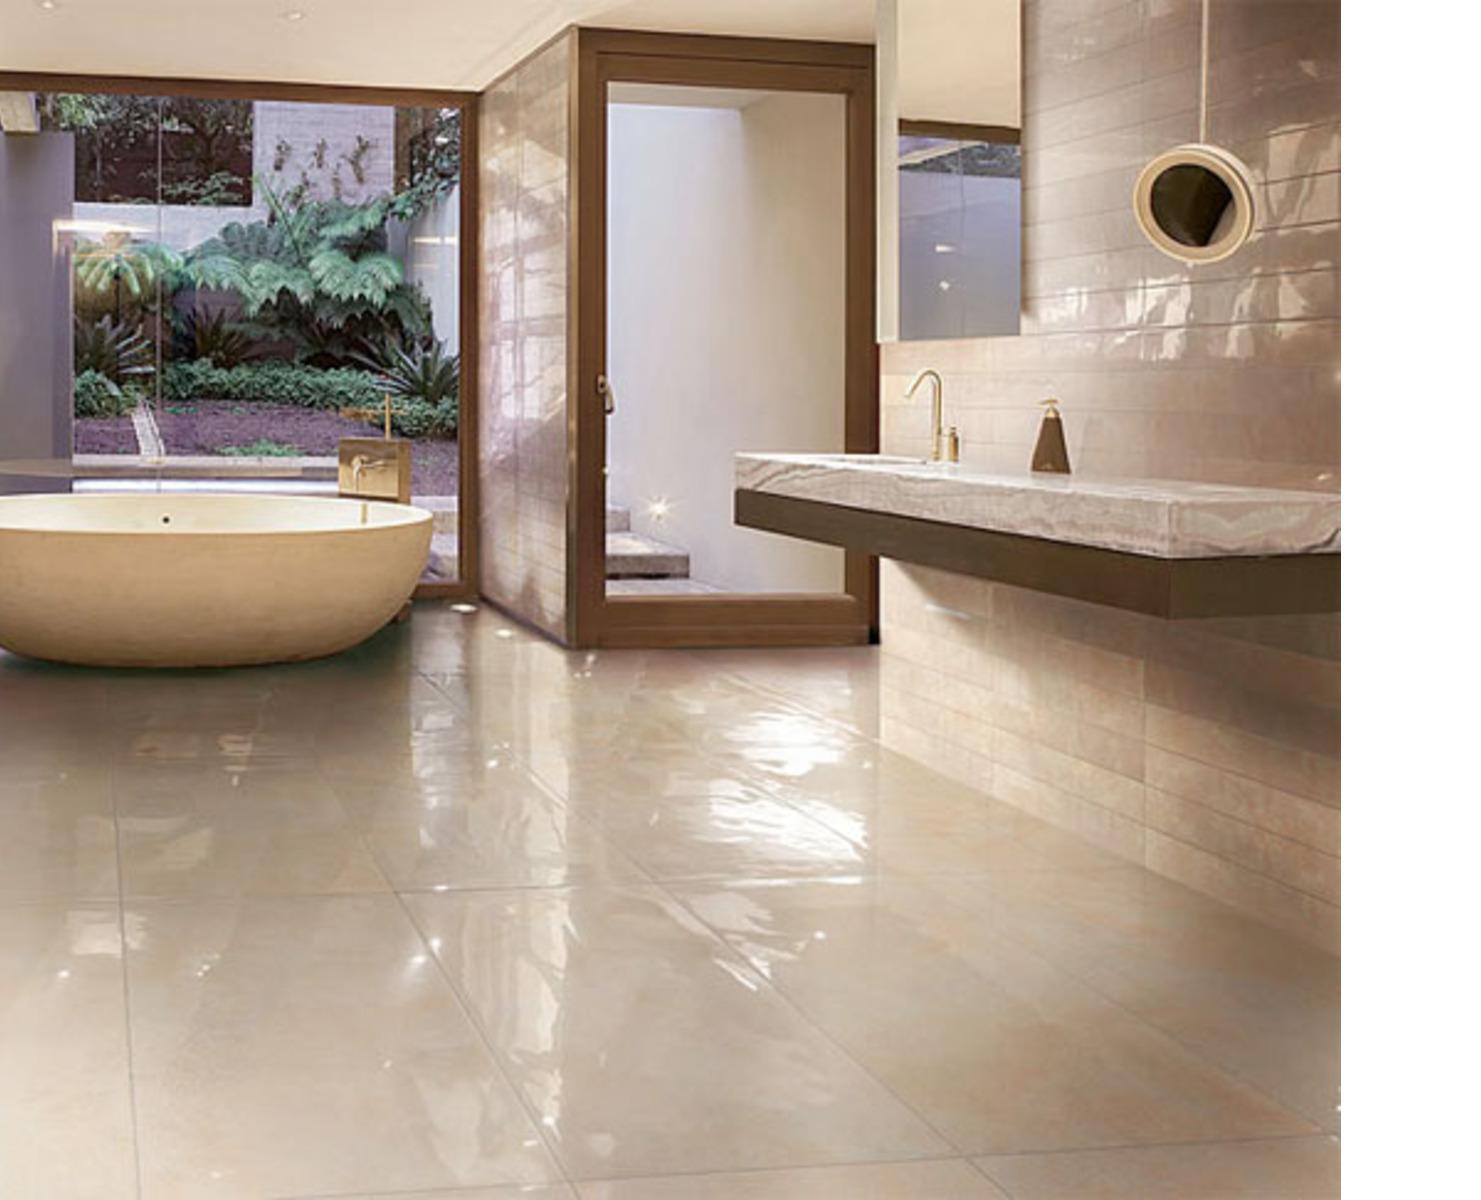 Piastrelle esagonali cool piastrelle esagonali in casa idee e per